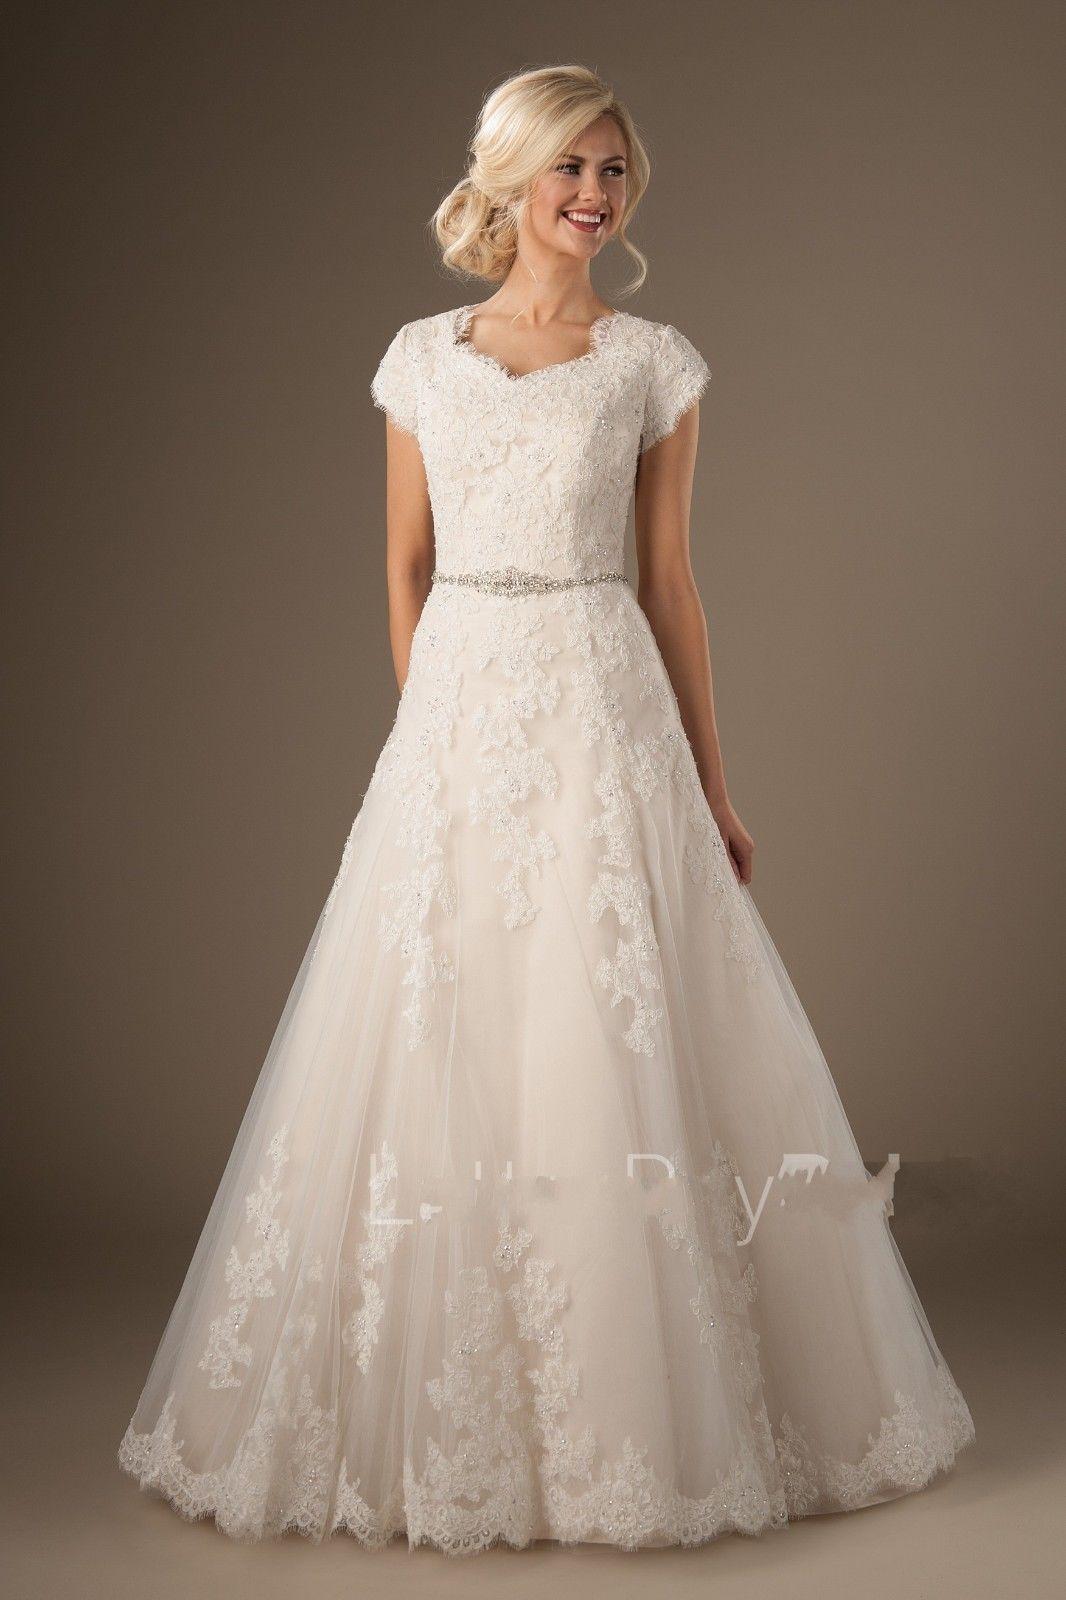 Pin by Irish Dsouza on Beauty dress Lace weddings